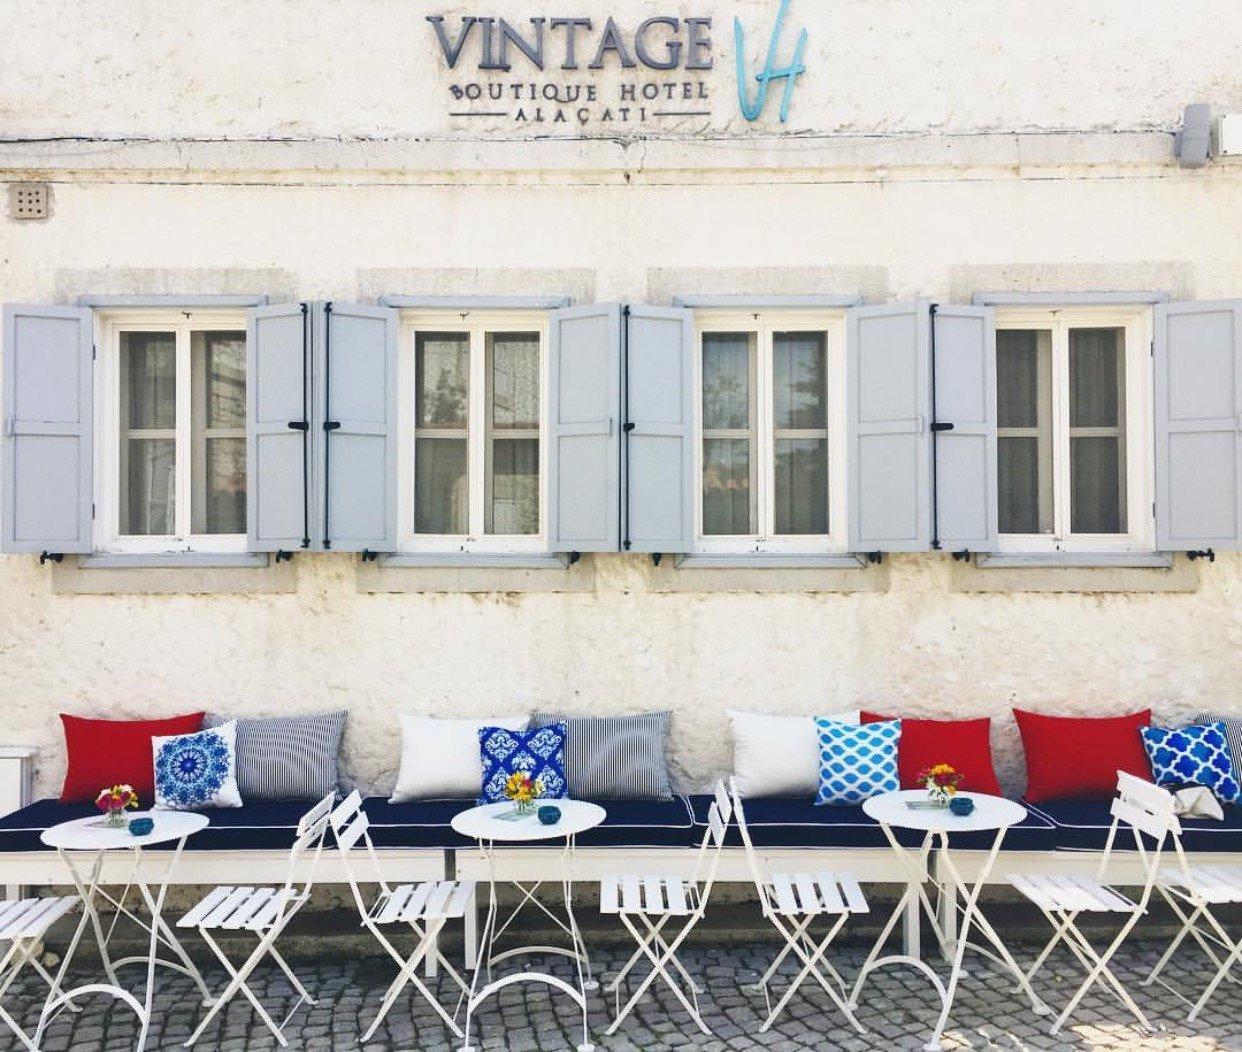 Vintage Boutique Hotel Alacati